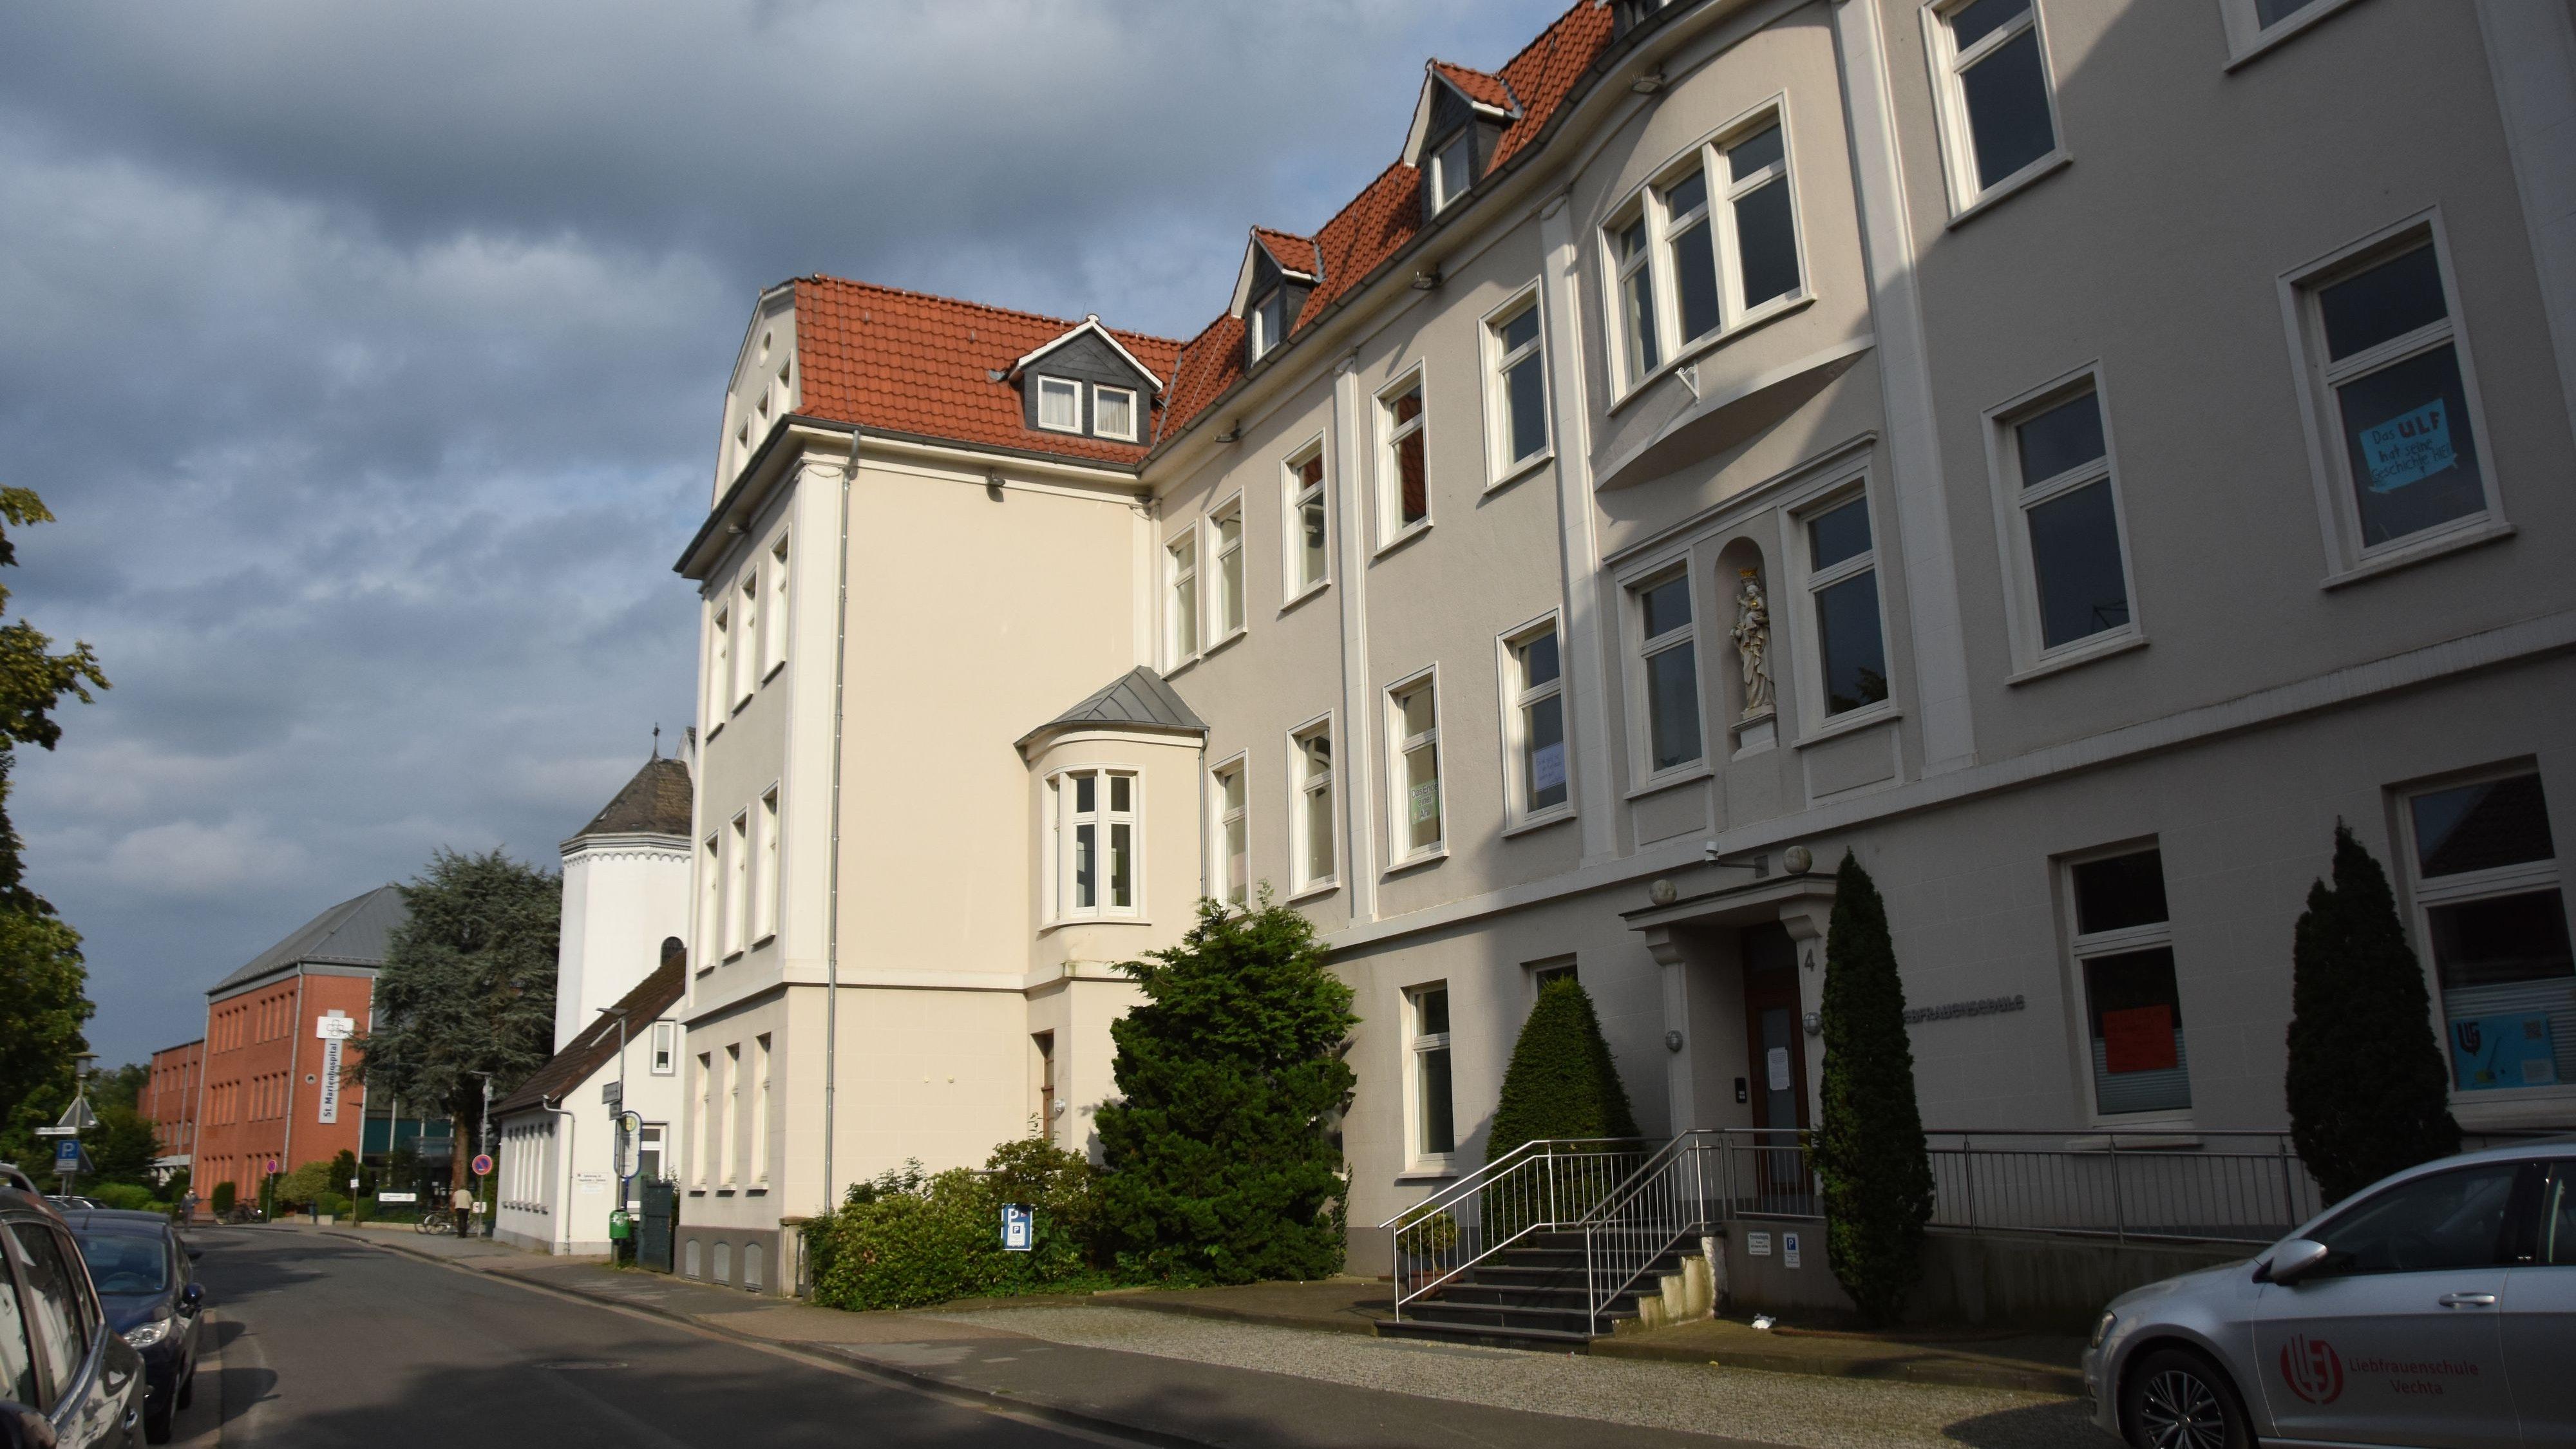 Schulgebäude wird nicht zur Klinik: Das Gelände der Liebfrauenschule neben dem St. Marienhospital in Vechta wird nicht überplant. Foto: Tzimurtas